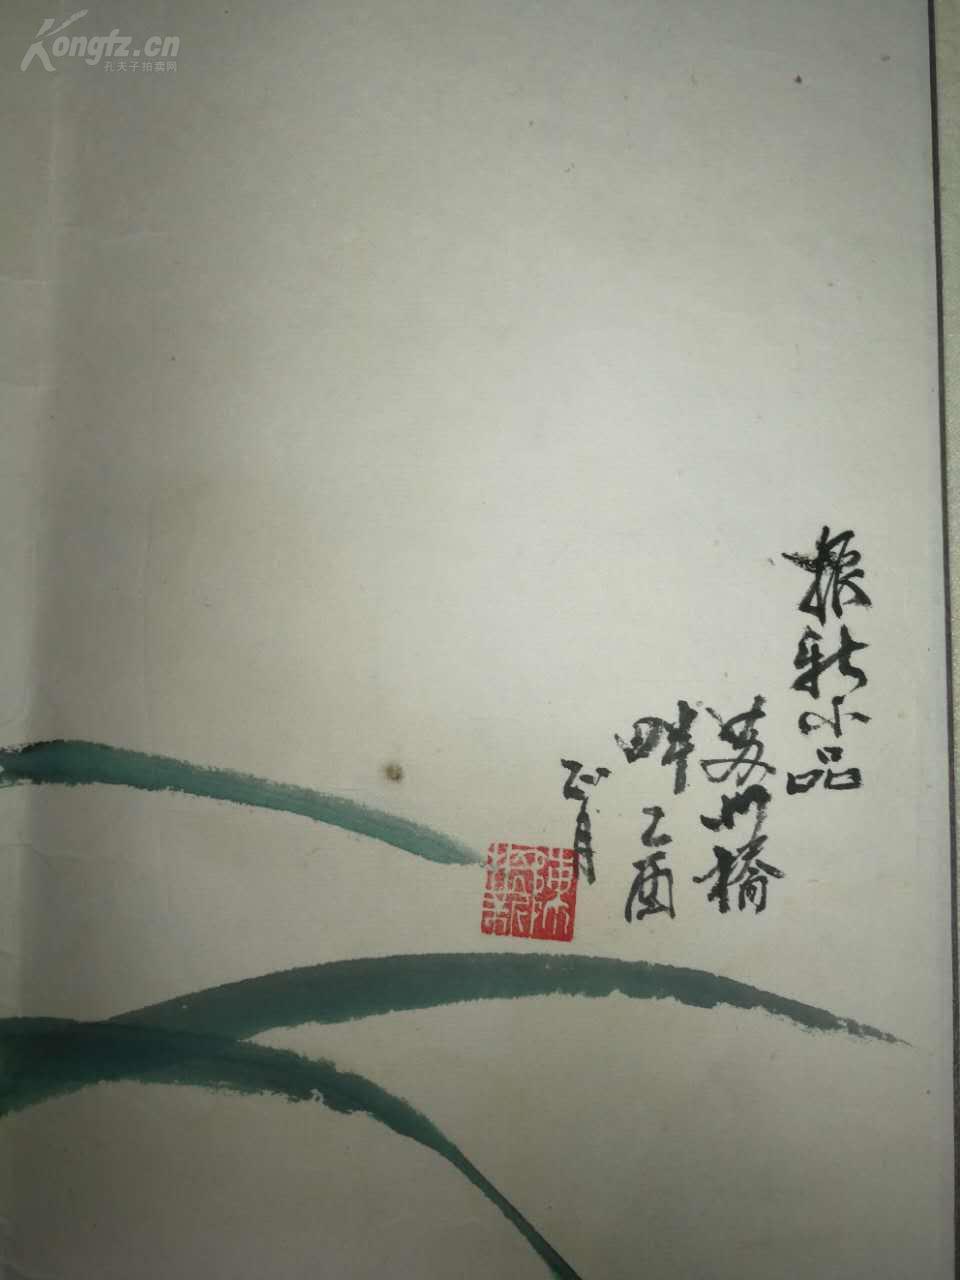 中国工艺美术学会理事,北京湖社画会副会长,北京当代艺海书画院名誉图片